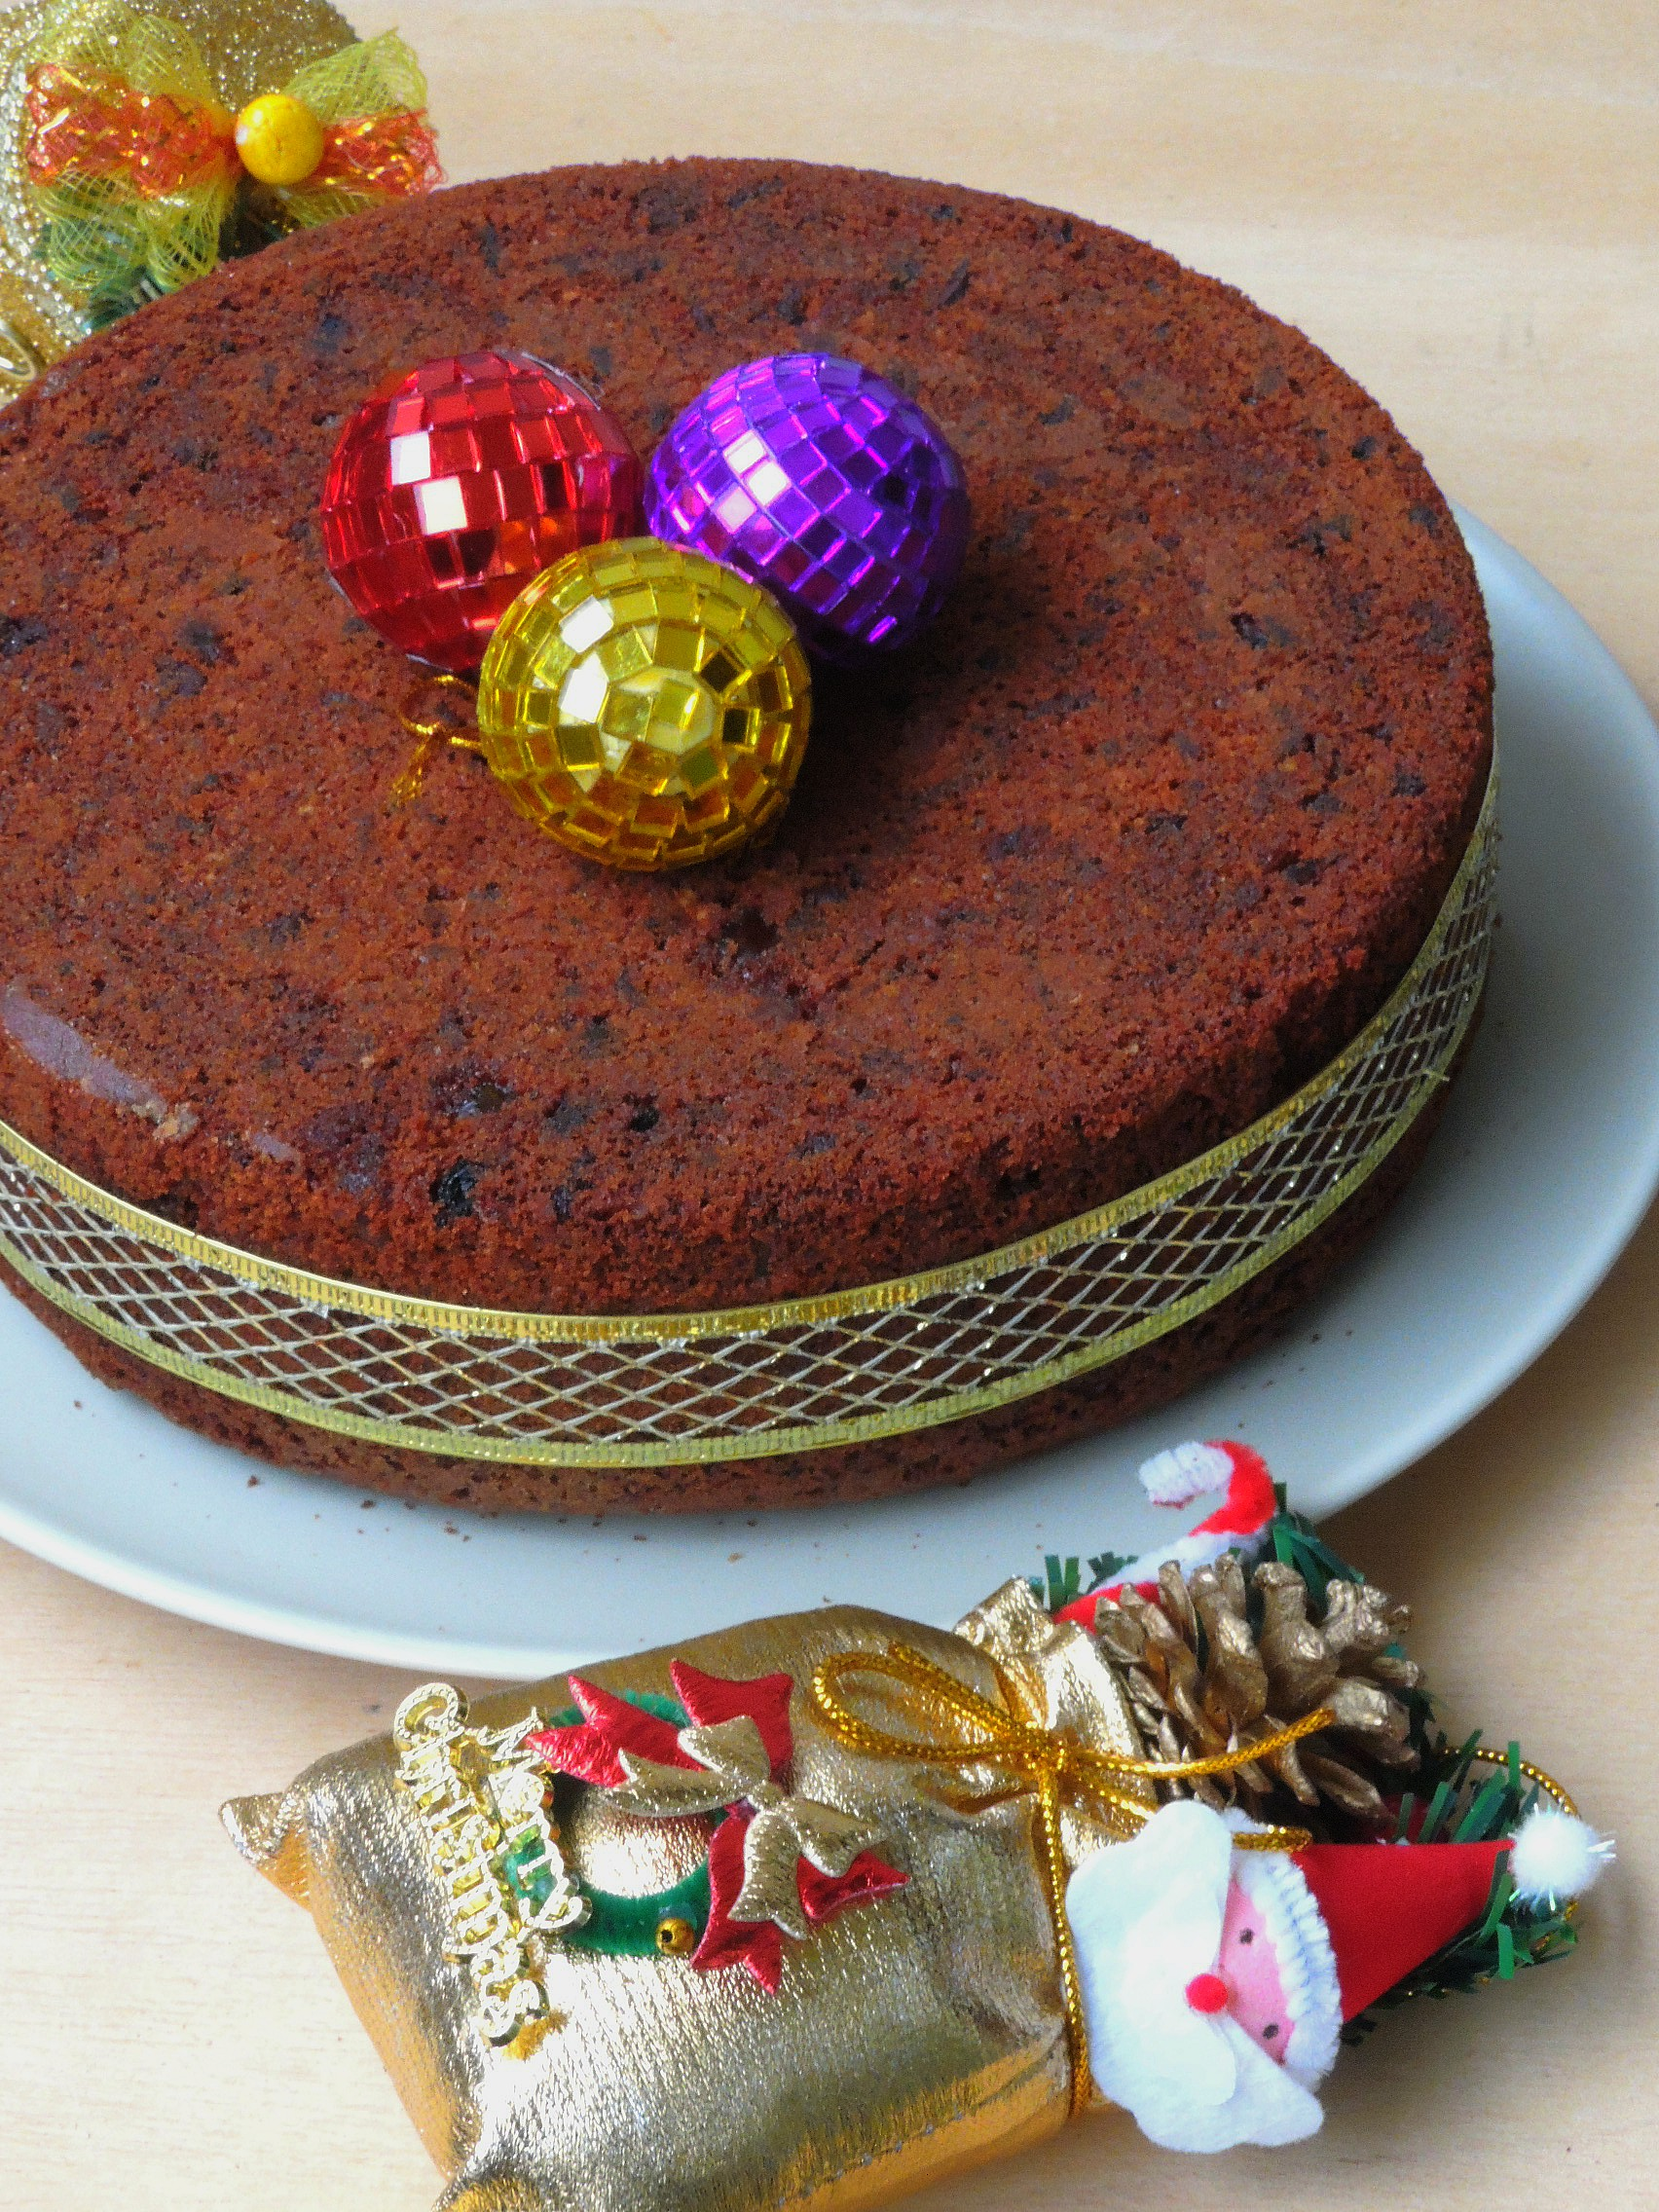 No Maida, No Sugar, No Butter Christmas Fruit Cake